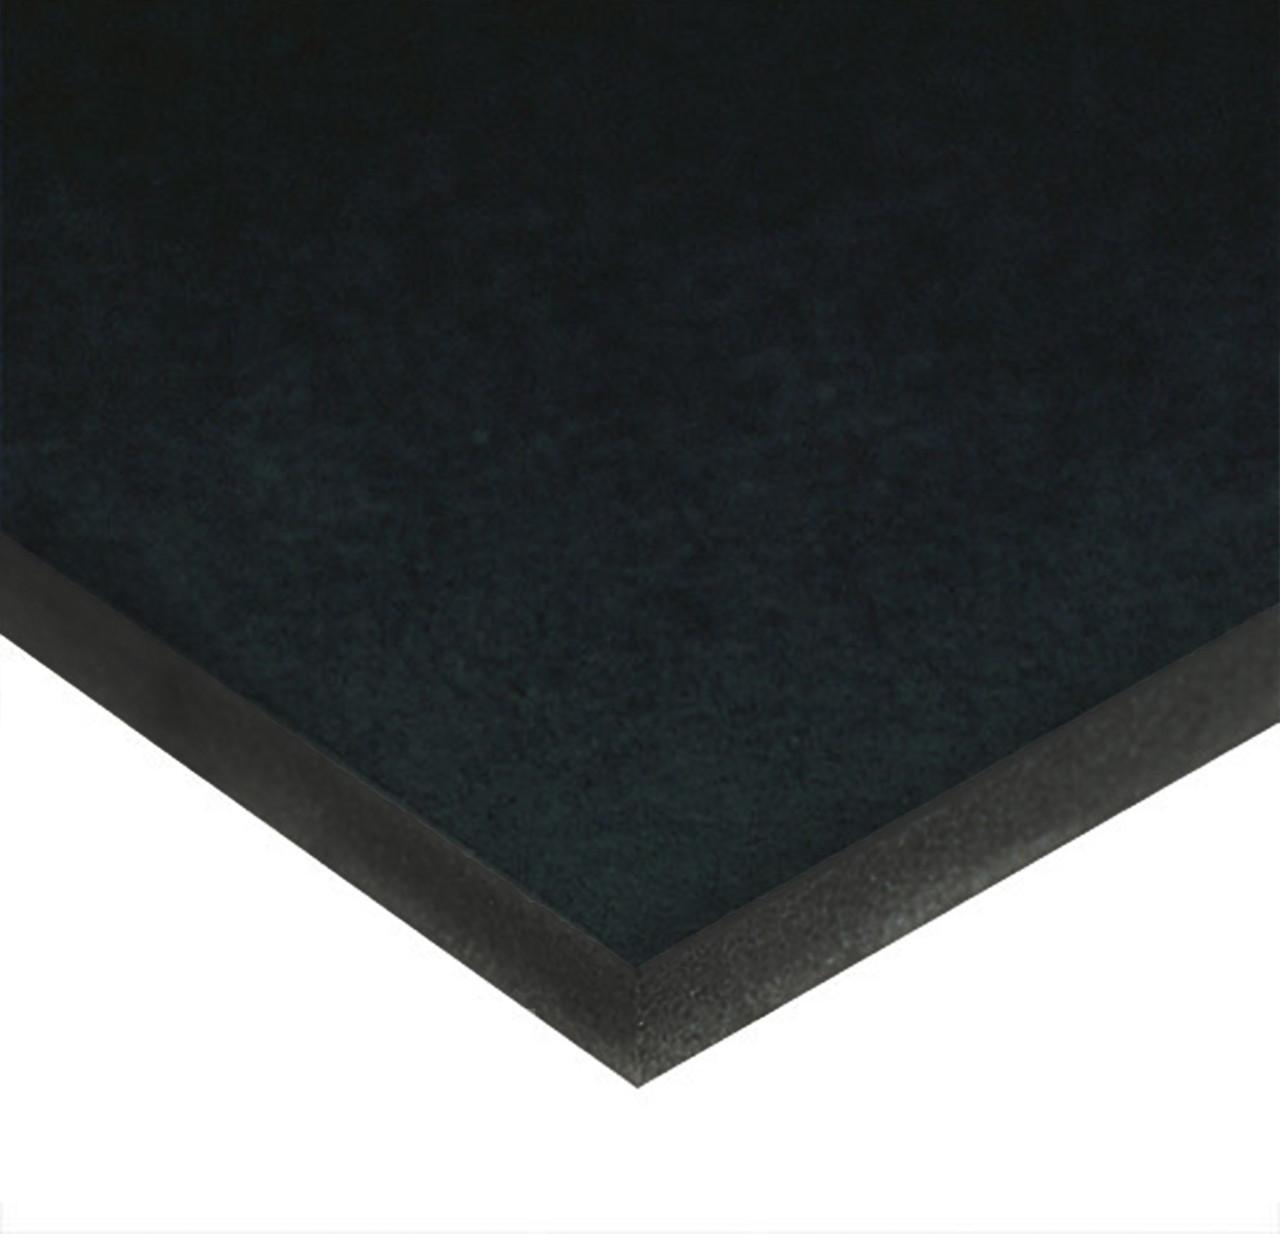 """Foamboard - Black/Black - 4' x 8' x 3/16"""""""